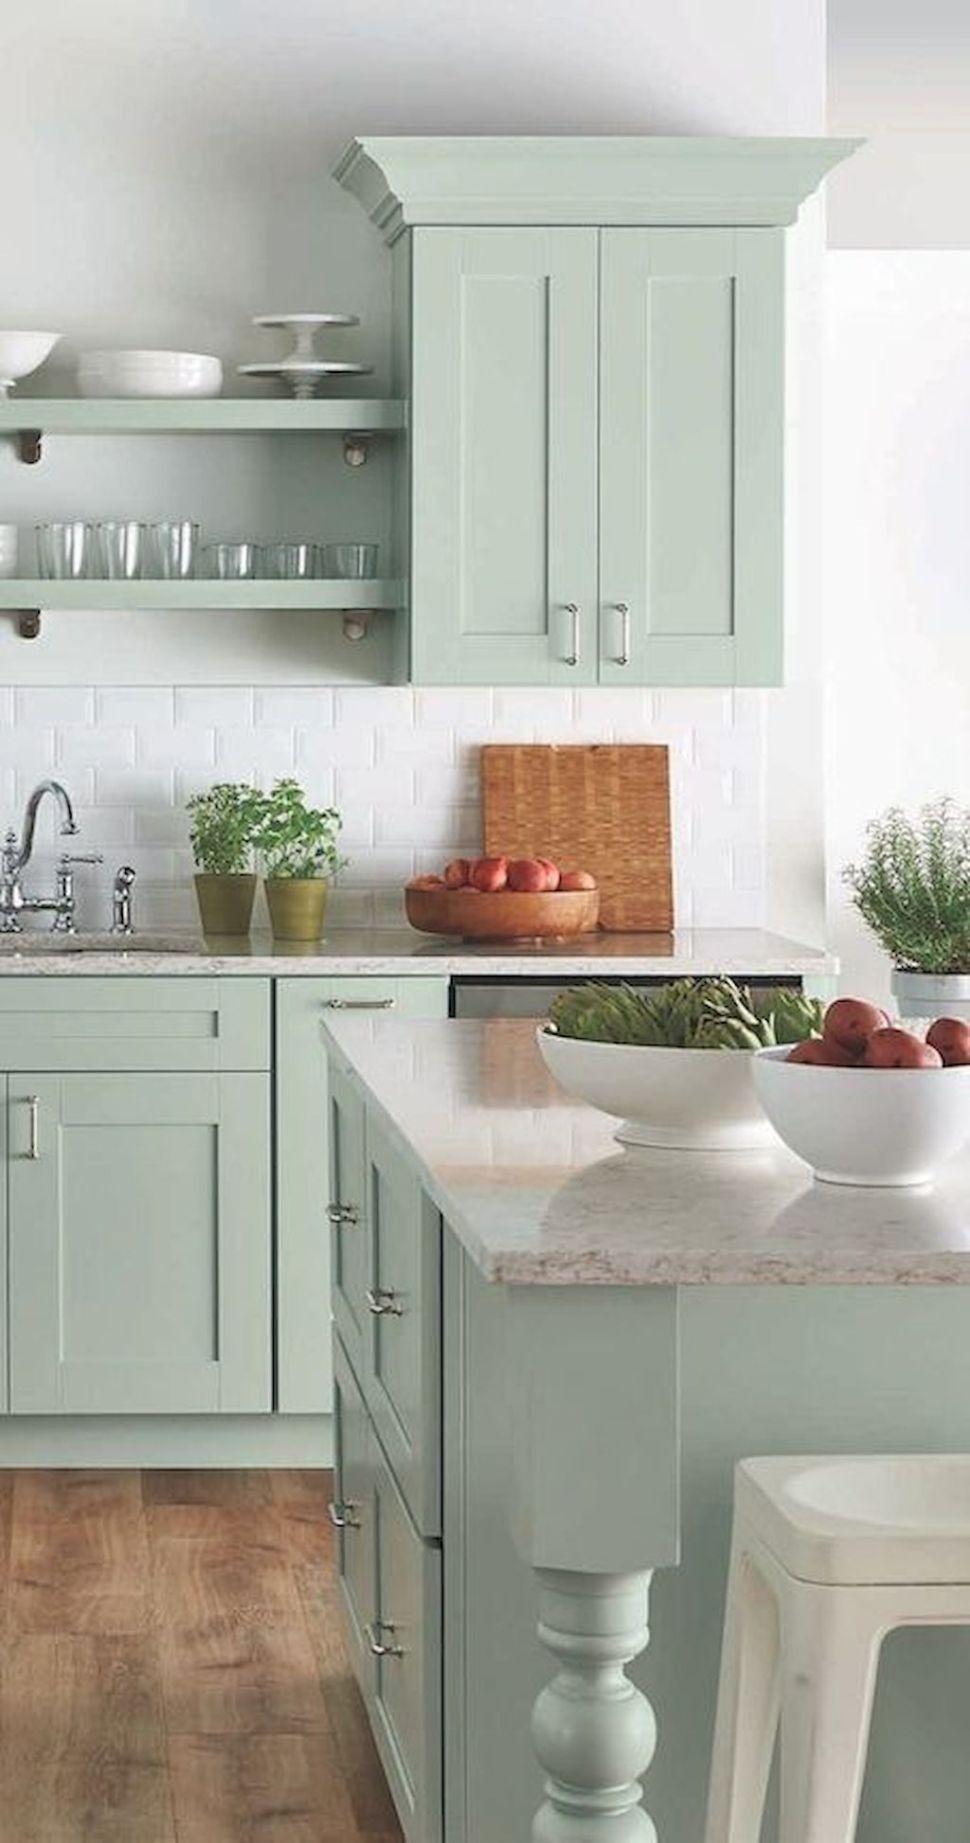 70 Best Rustic Farmhouse Kitchen Cabinet Ideas 5bacb233d8a34 #farmhousekitchencolors